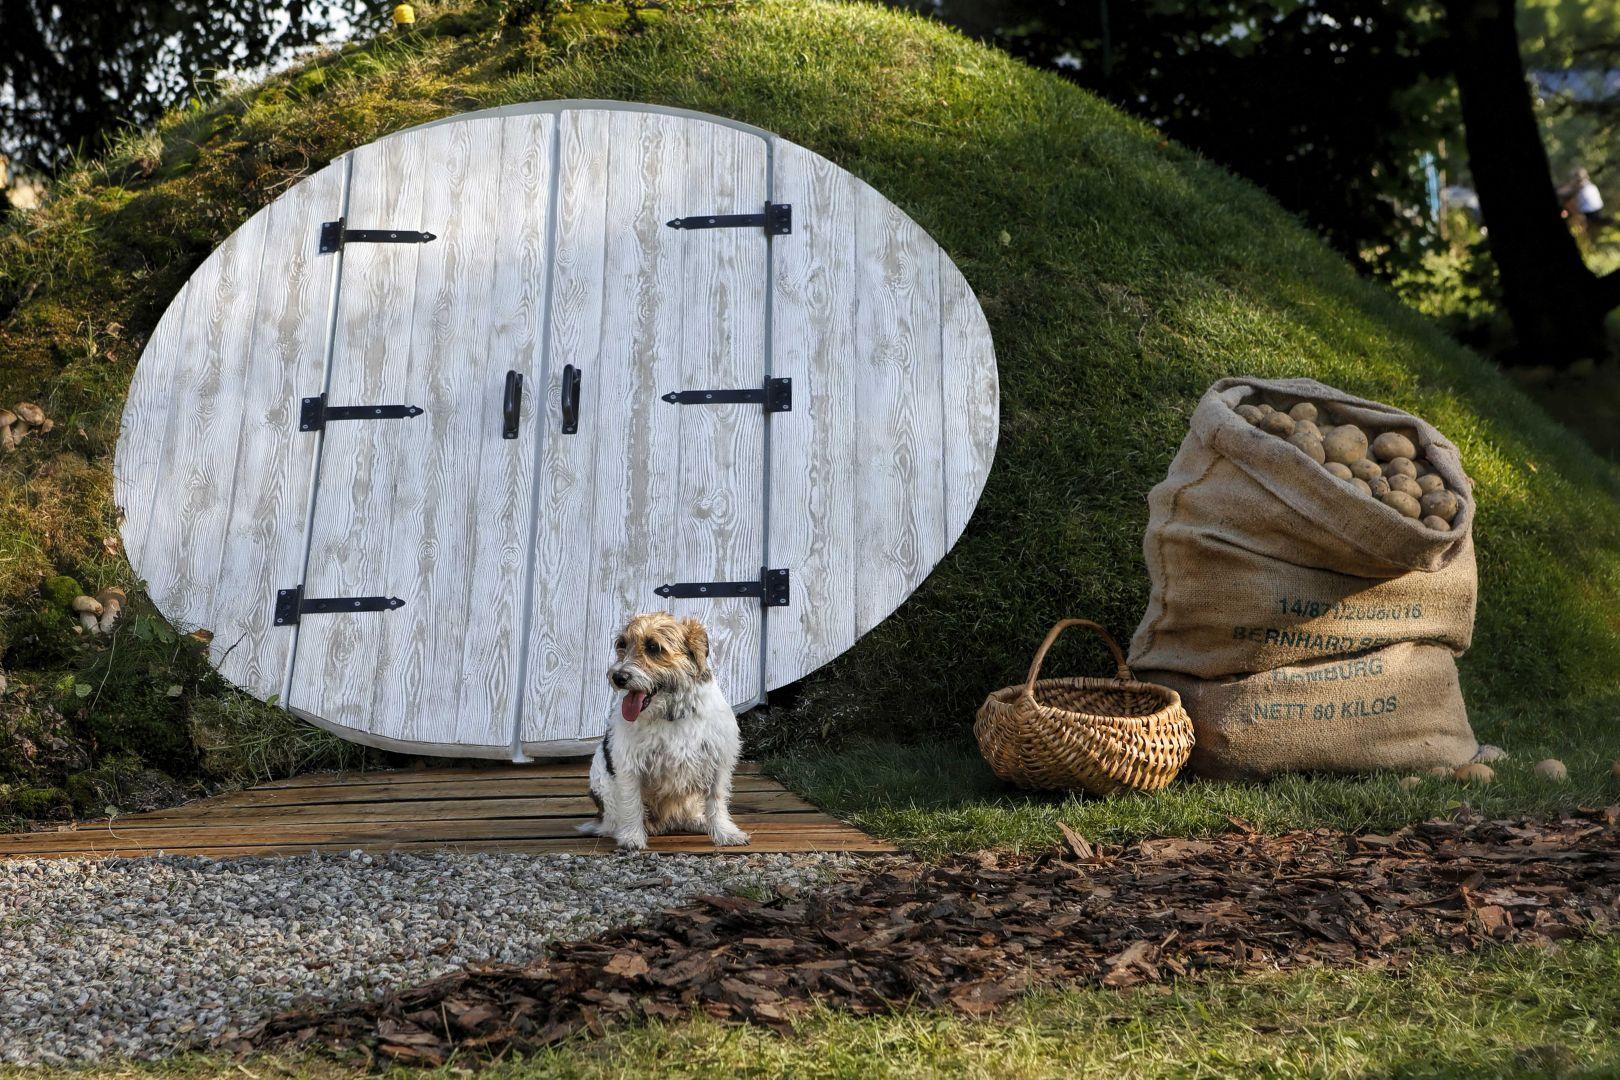 Piwnica jest samonośna, nie wymaga więc fundamentów i może być zainstalowana w każdym typie ziemi. Fot. The Shire Cellar